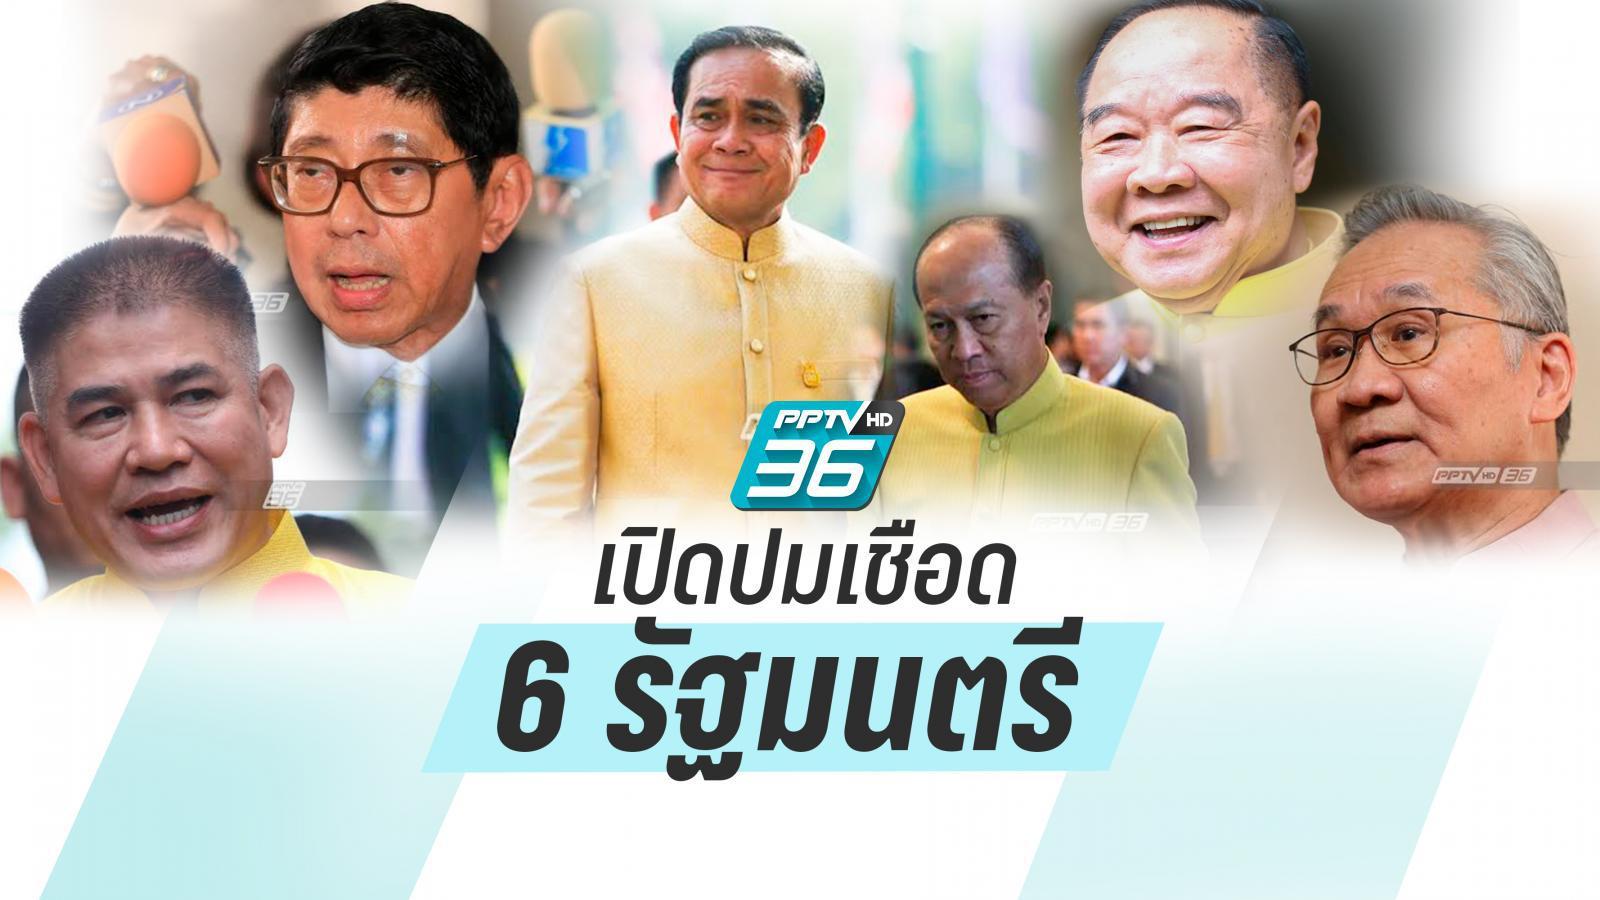 เปิดปม !! เชือด 6 รัฐมนตรี ศึกอภิปรายไม่ไว้วางใจ